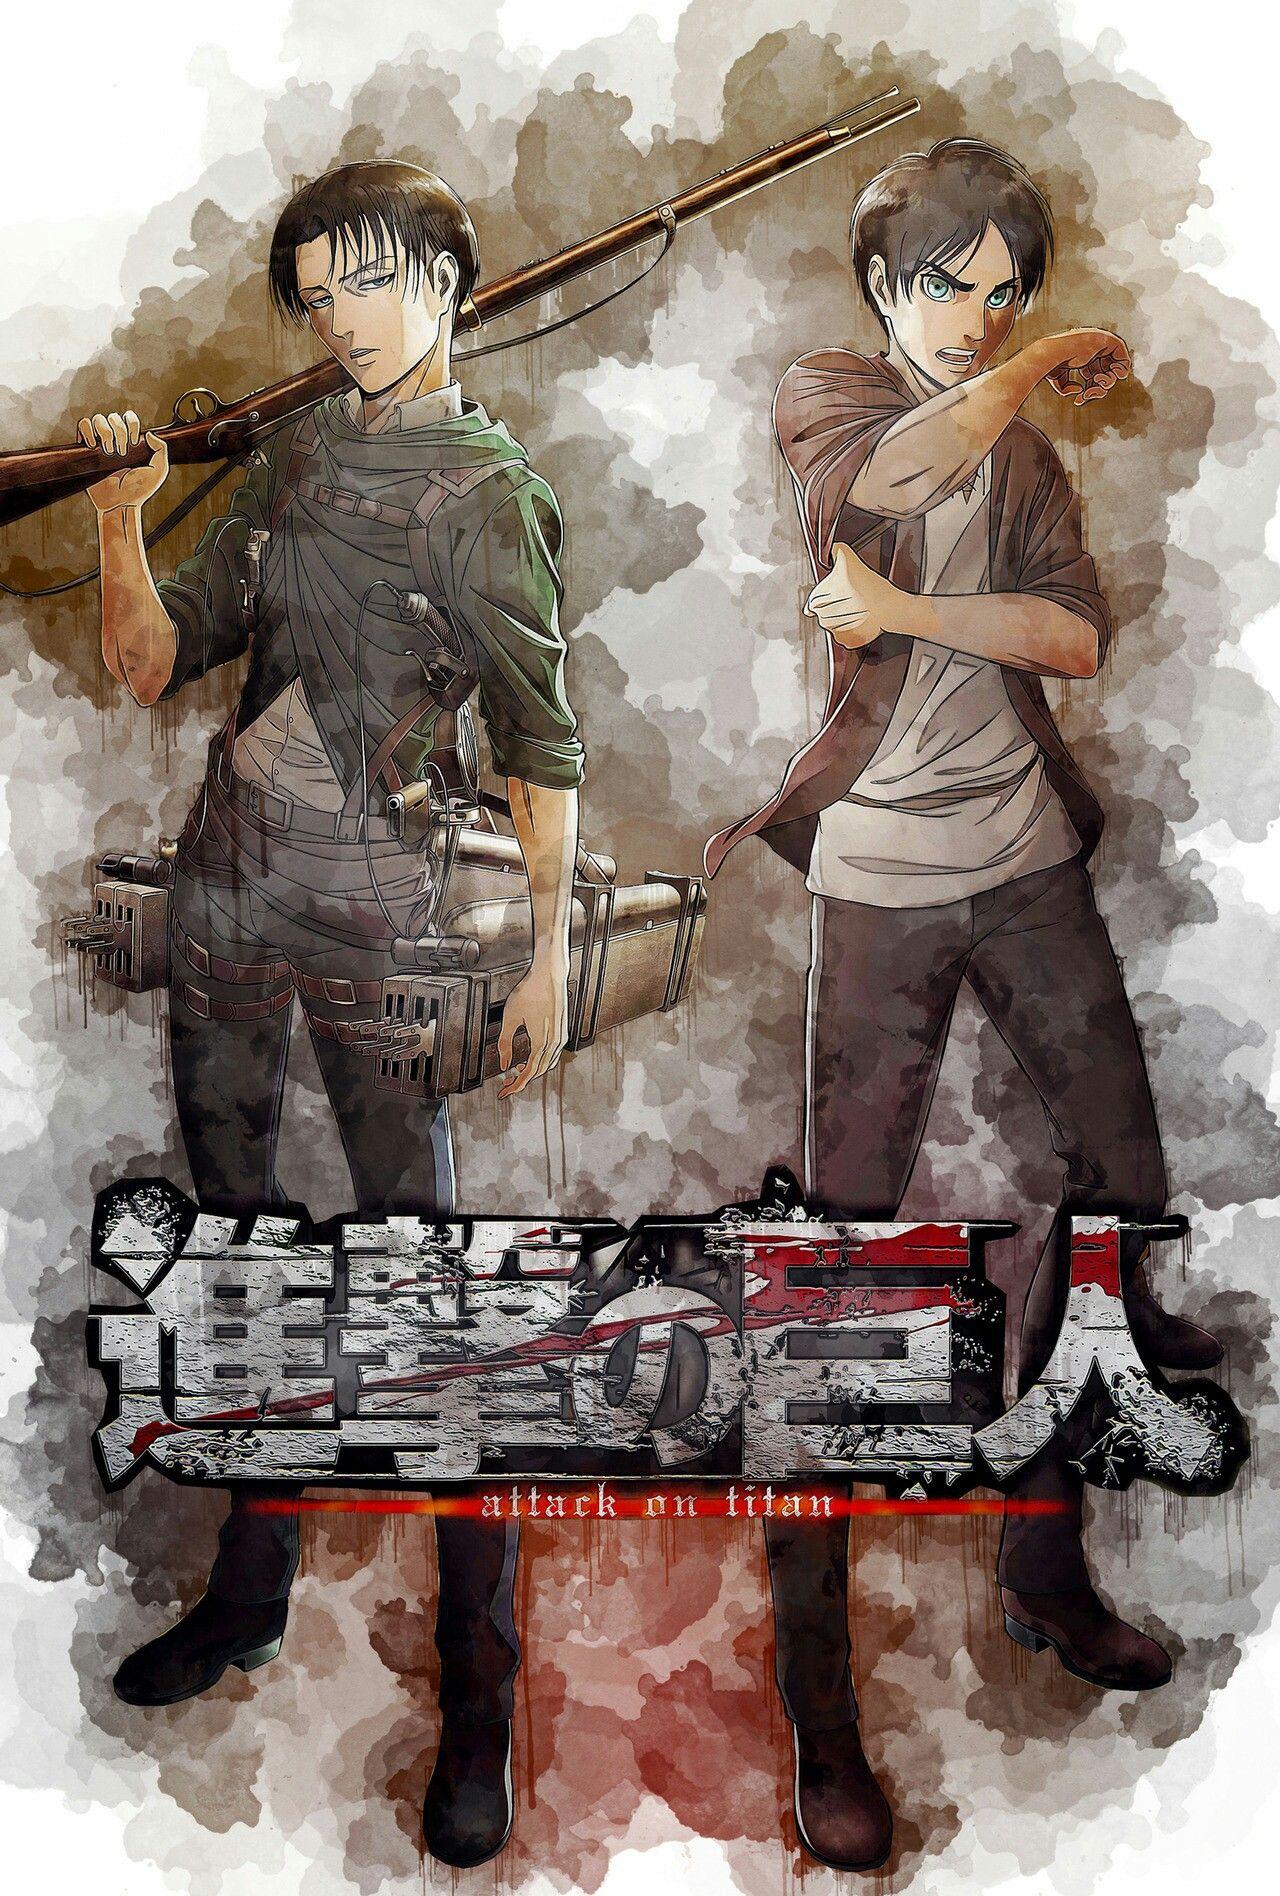 Attack on titan season 3 Shingeki no kyojin, Attaque